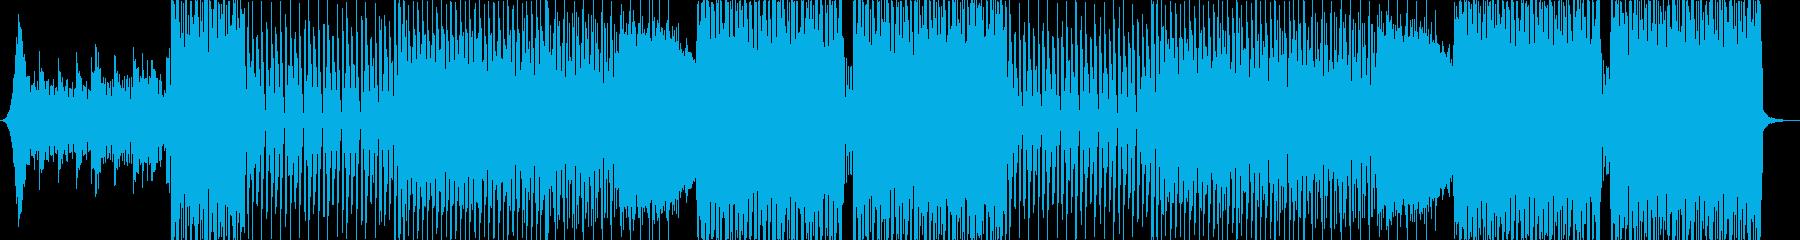 元気が出る前向きなEDMポップスの再生済みの波形